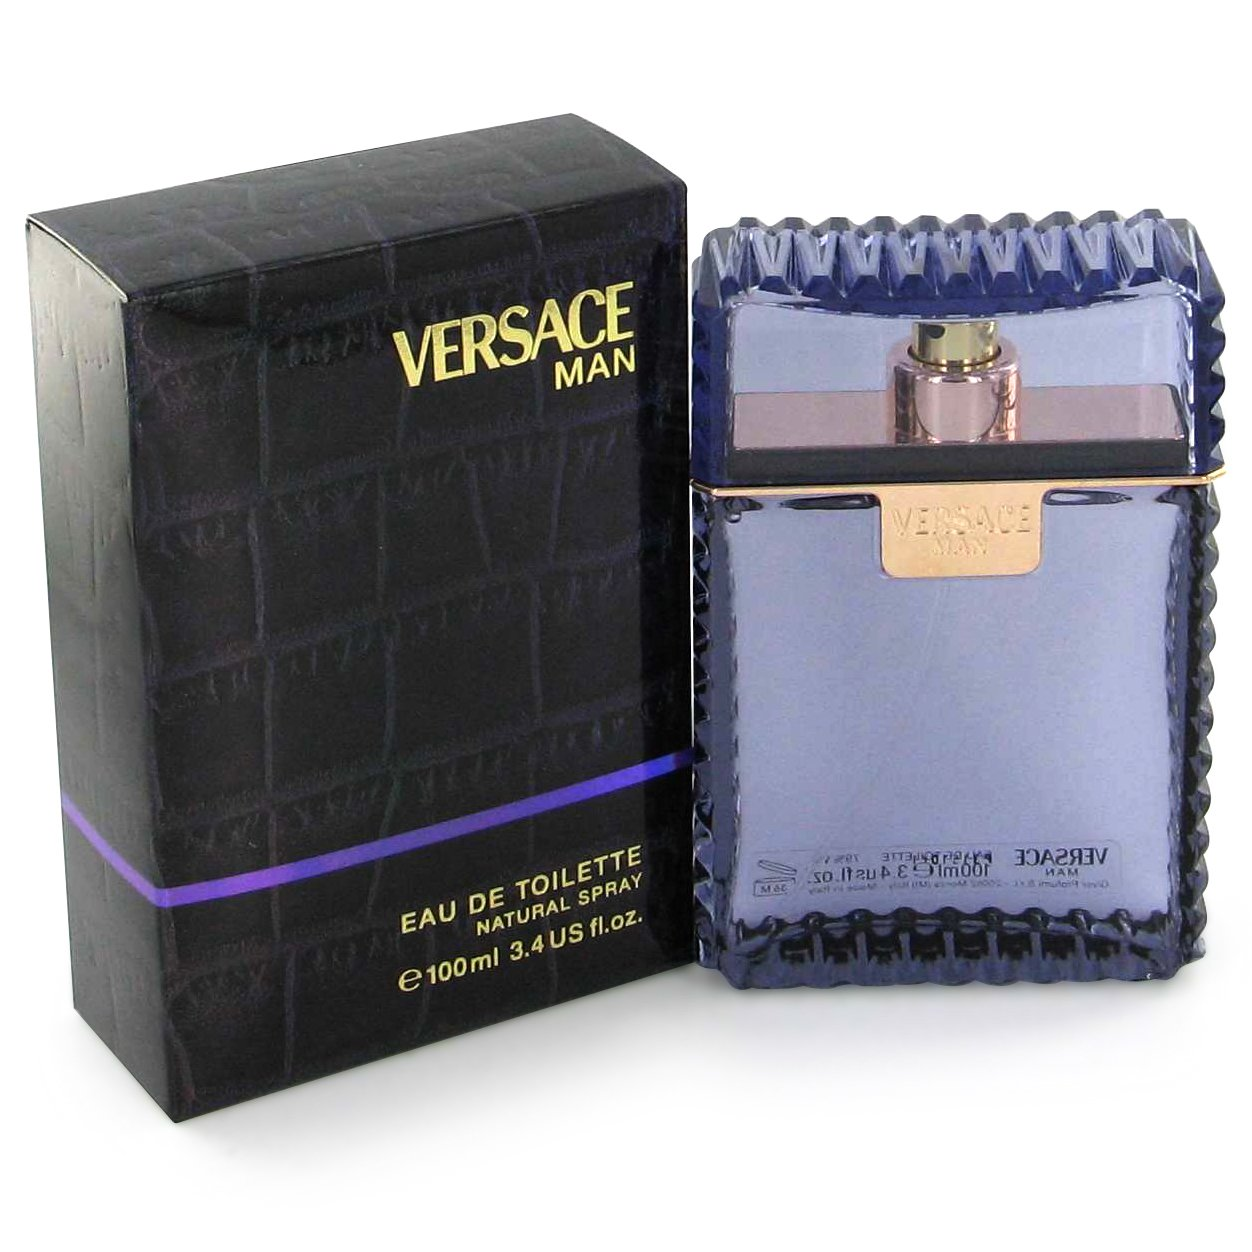 Versace Man By Gianni Versace Versace Man by Versace for Men Eau Fraiche Eau De Toilette Spray (blue) 1 oz